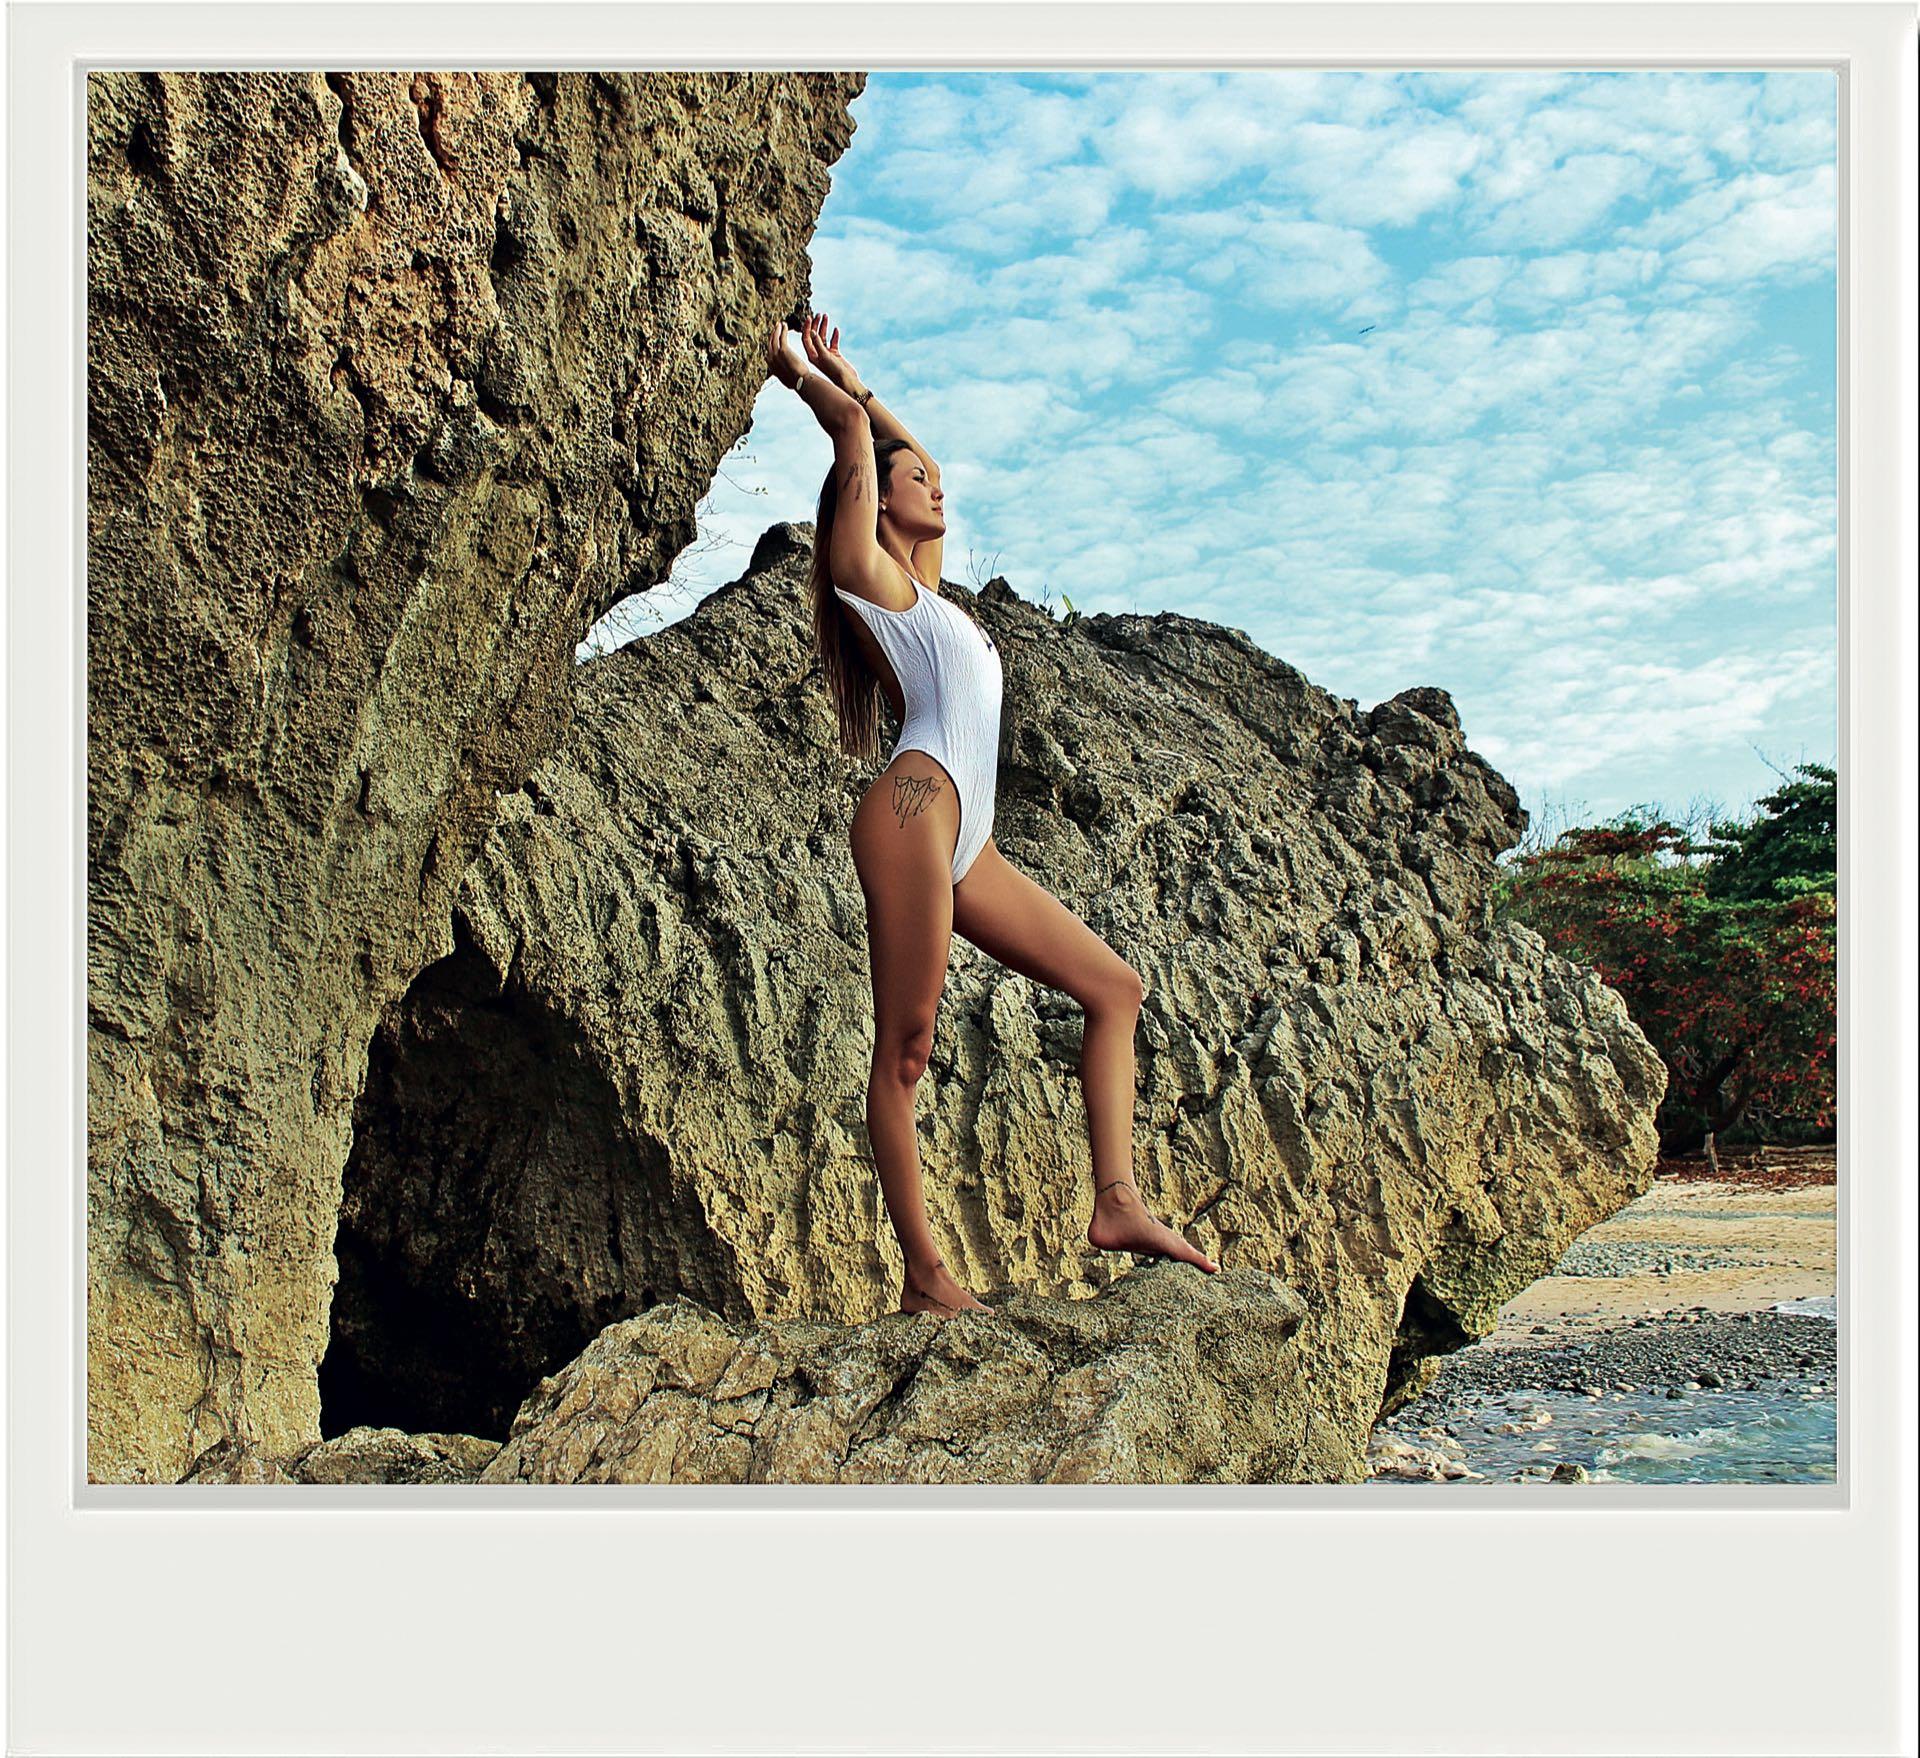 Luli Fernández viajó a Los suecos en Costa Rica por unos días de relax (Fotos: @CamposLolita)